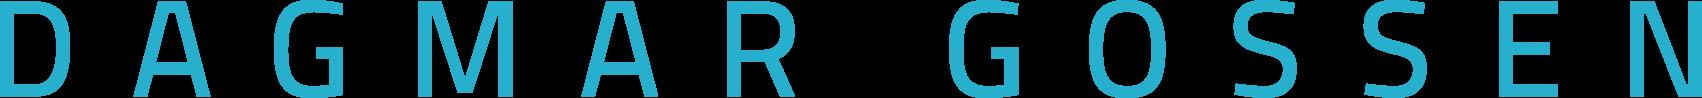 Dagmar Gossen Logo